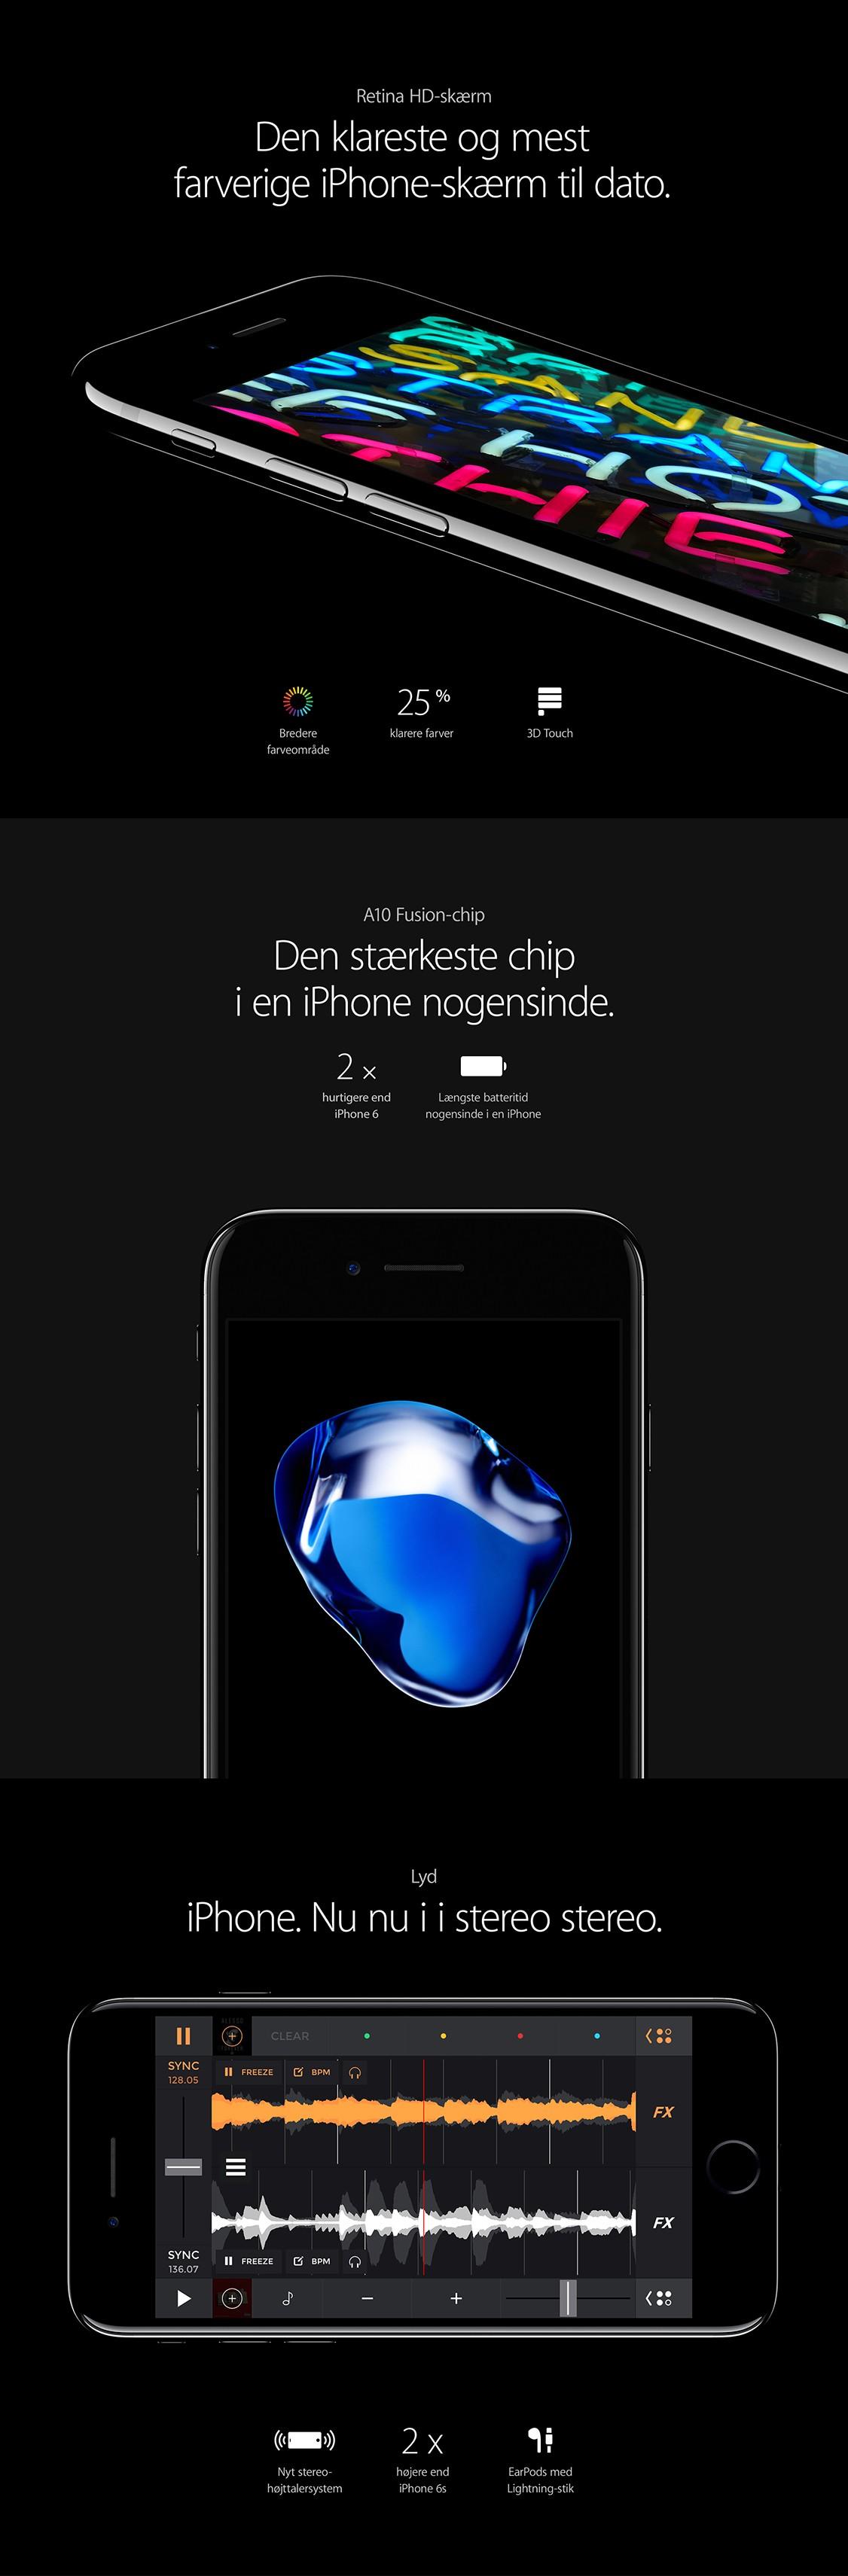 køb den nye iphone 7